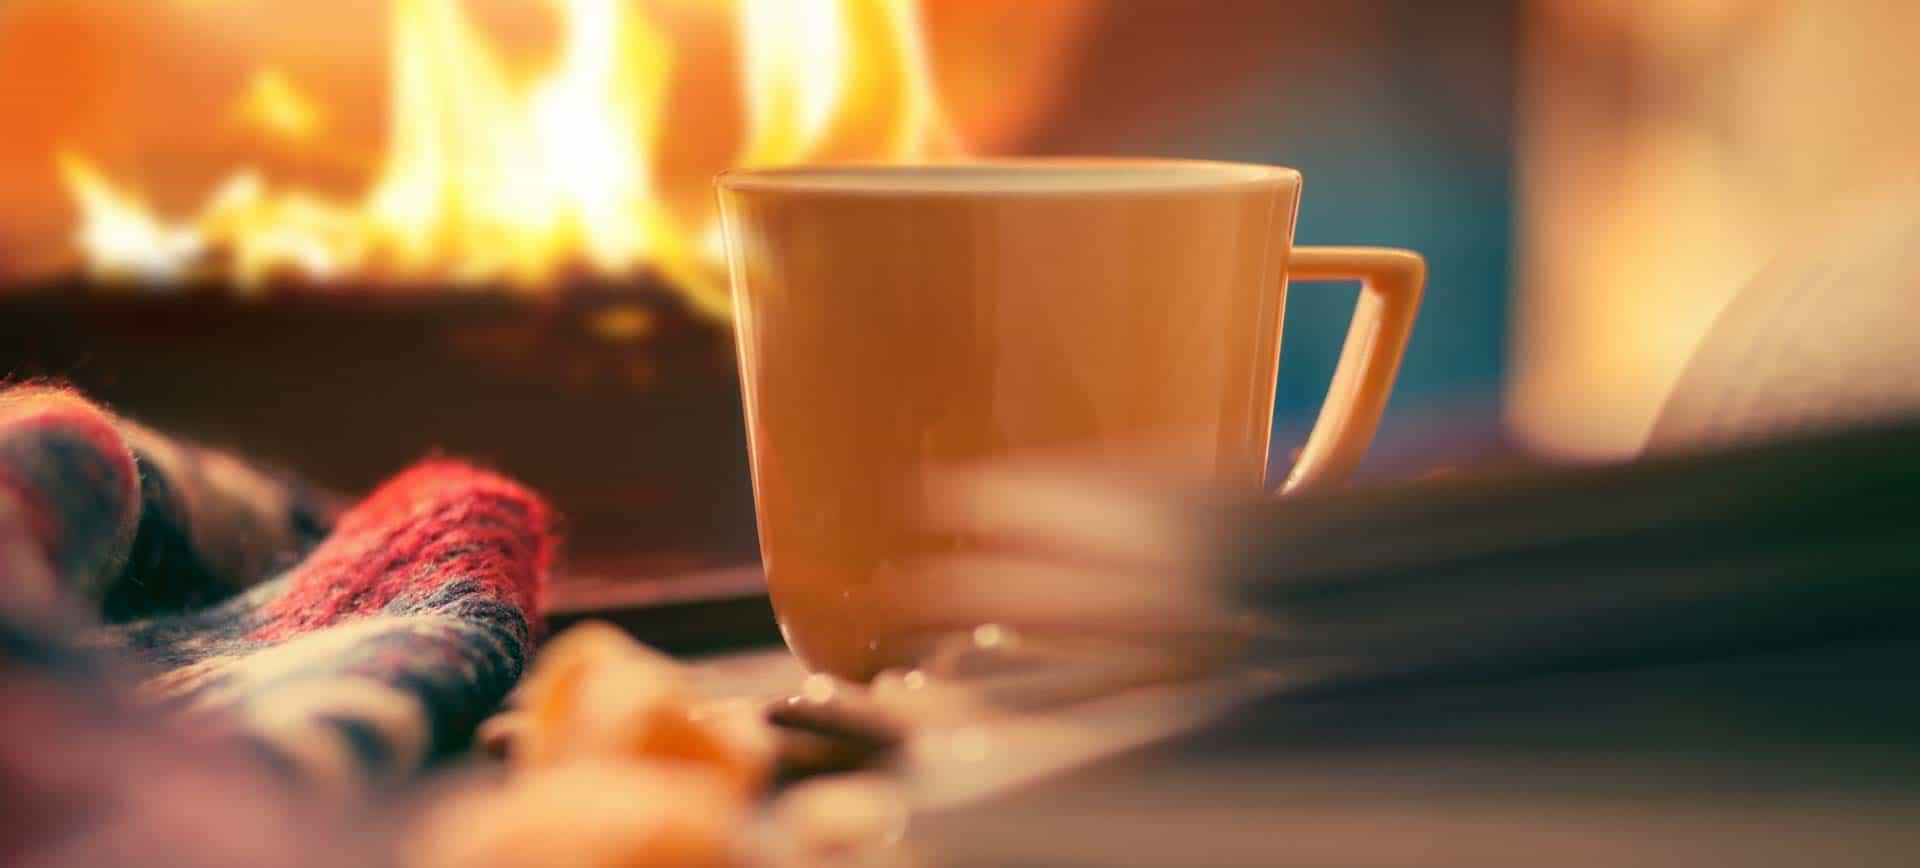 Tasse Tee vor Kaminfeuer